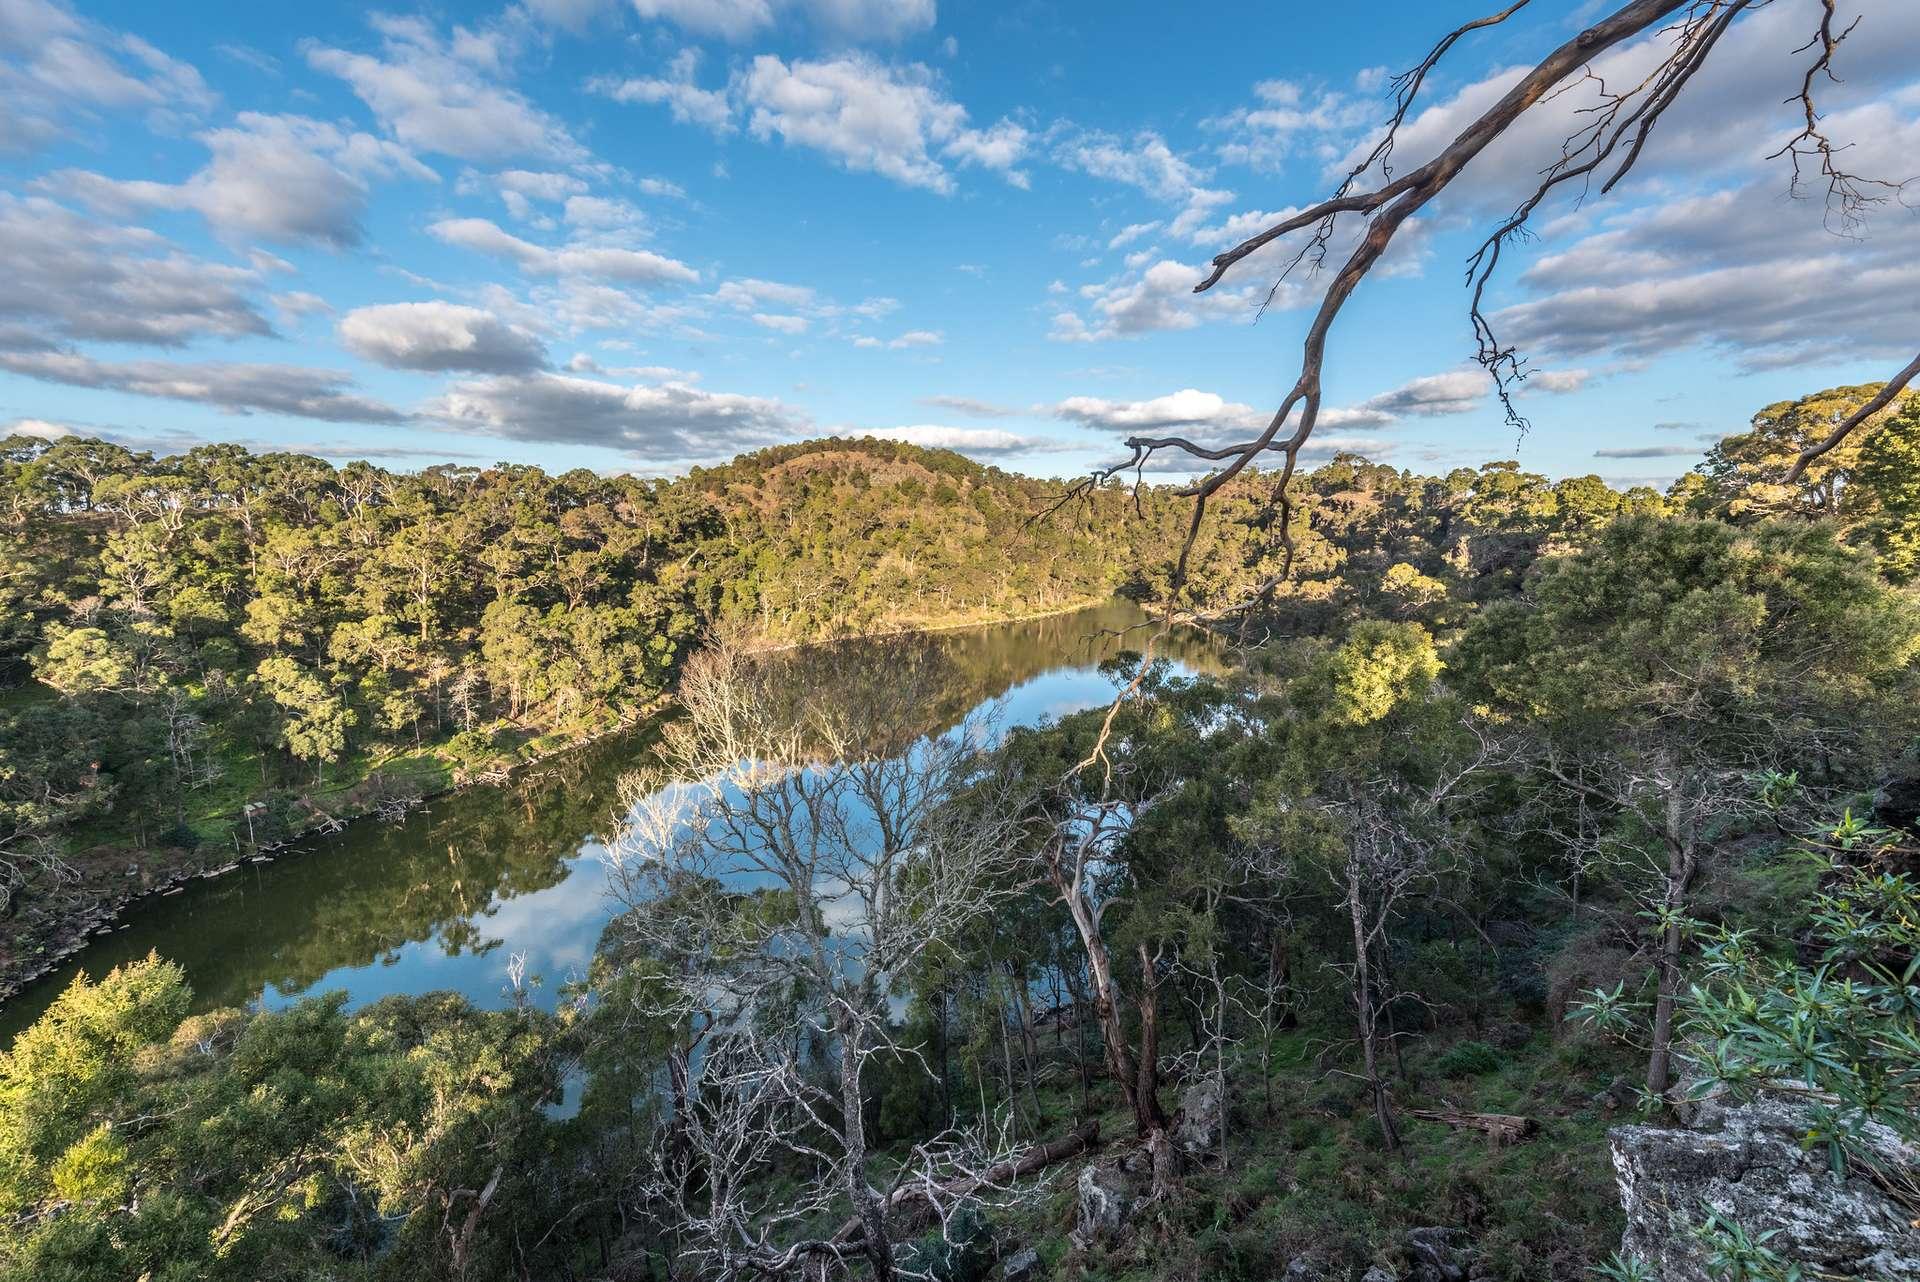 Le paysage culturel Budj Bim a été inscrit au patrimoine mondial de l'Unesco en juillet 2019. Des extensions jusqu'ici inconnues ont été découvertes par un incendie dans l'État de Victoria en Australie. © Peter, Flickr